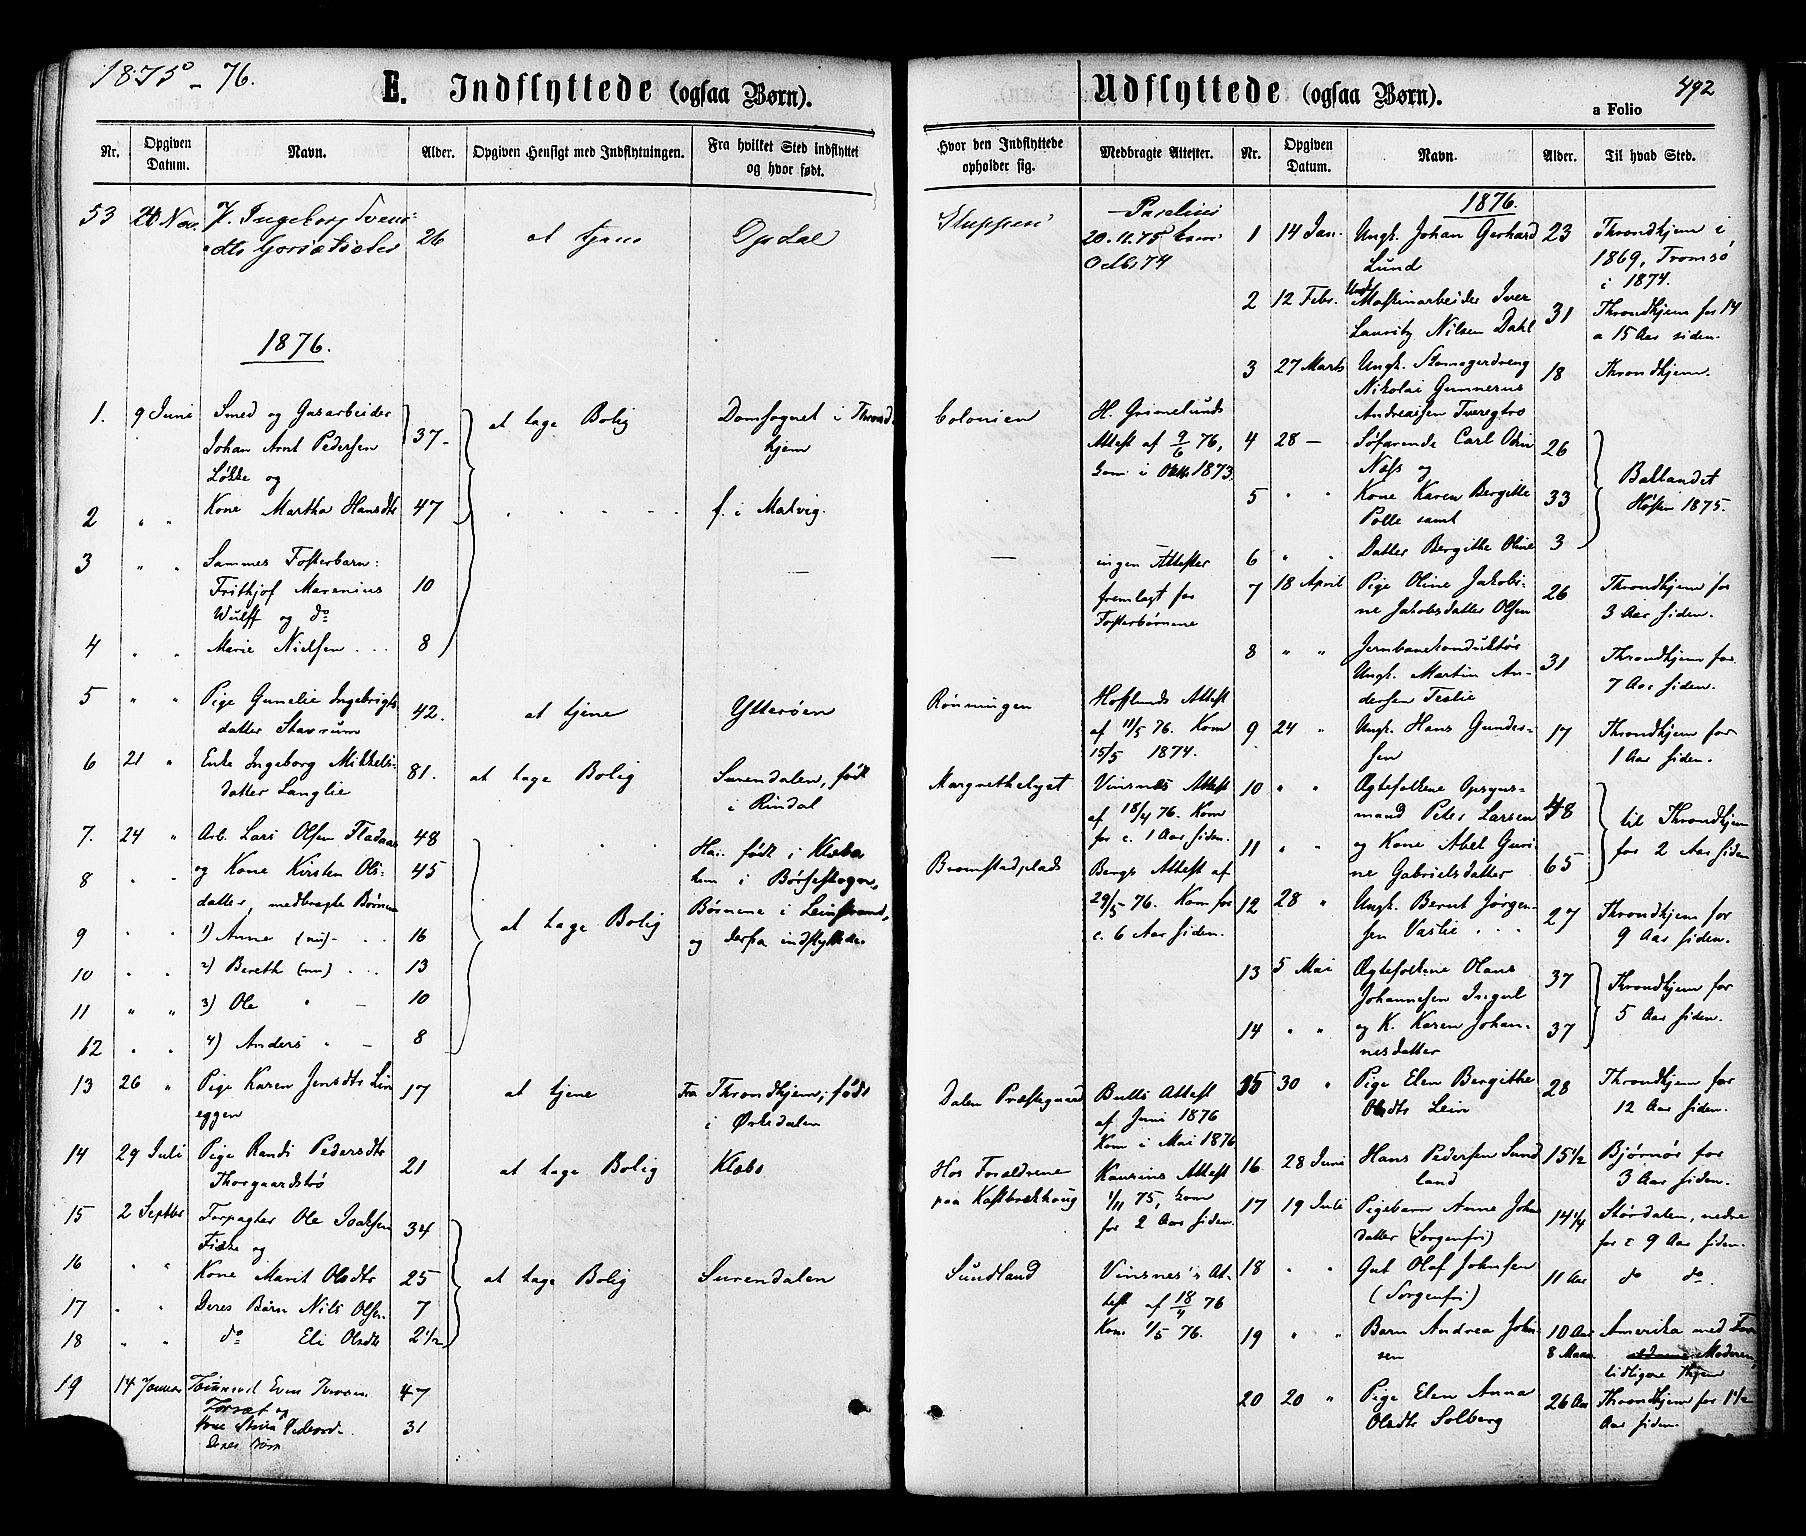 SAT, Ministerialprotokoller, klokkerbøker og fødselsregistre - Sør-Trøndelag, 606/L0293: Ministerialbok nr. 606A08, 1866-1877, s. 492